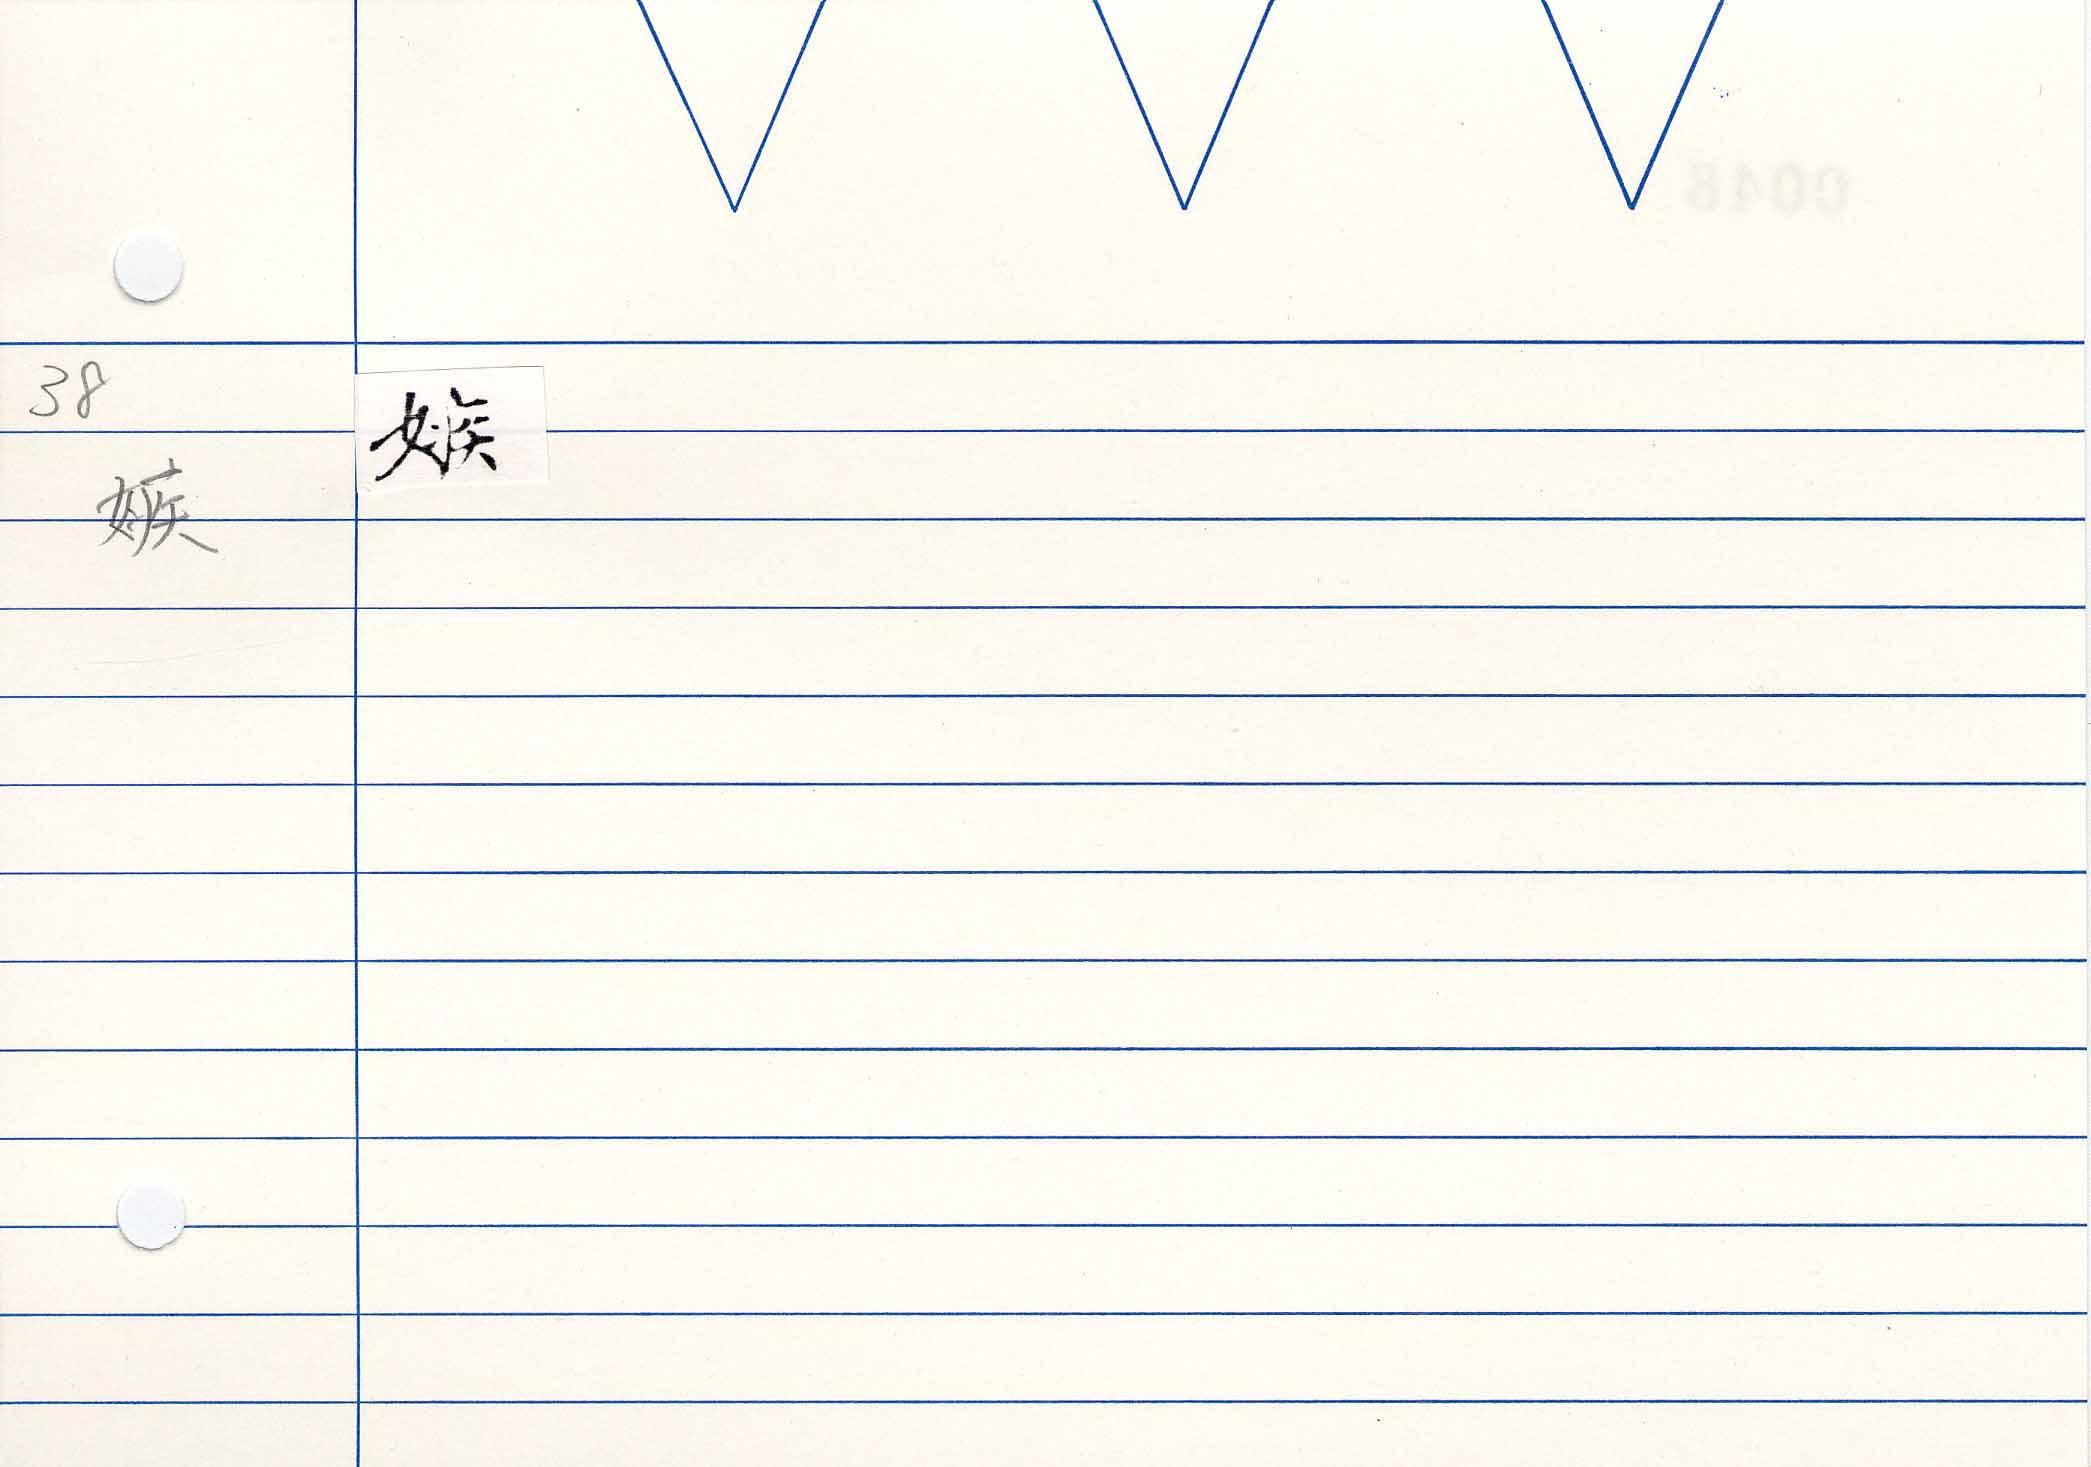 13_妙法蓮華經卷八(S.2577)/cards/0048.jpg